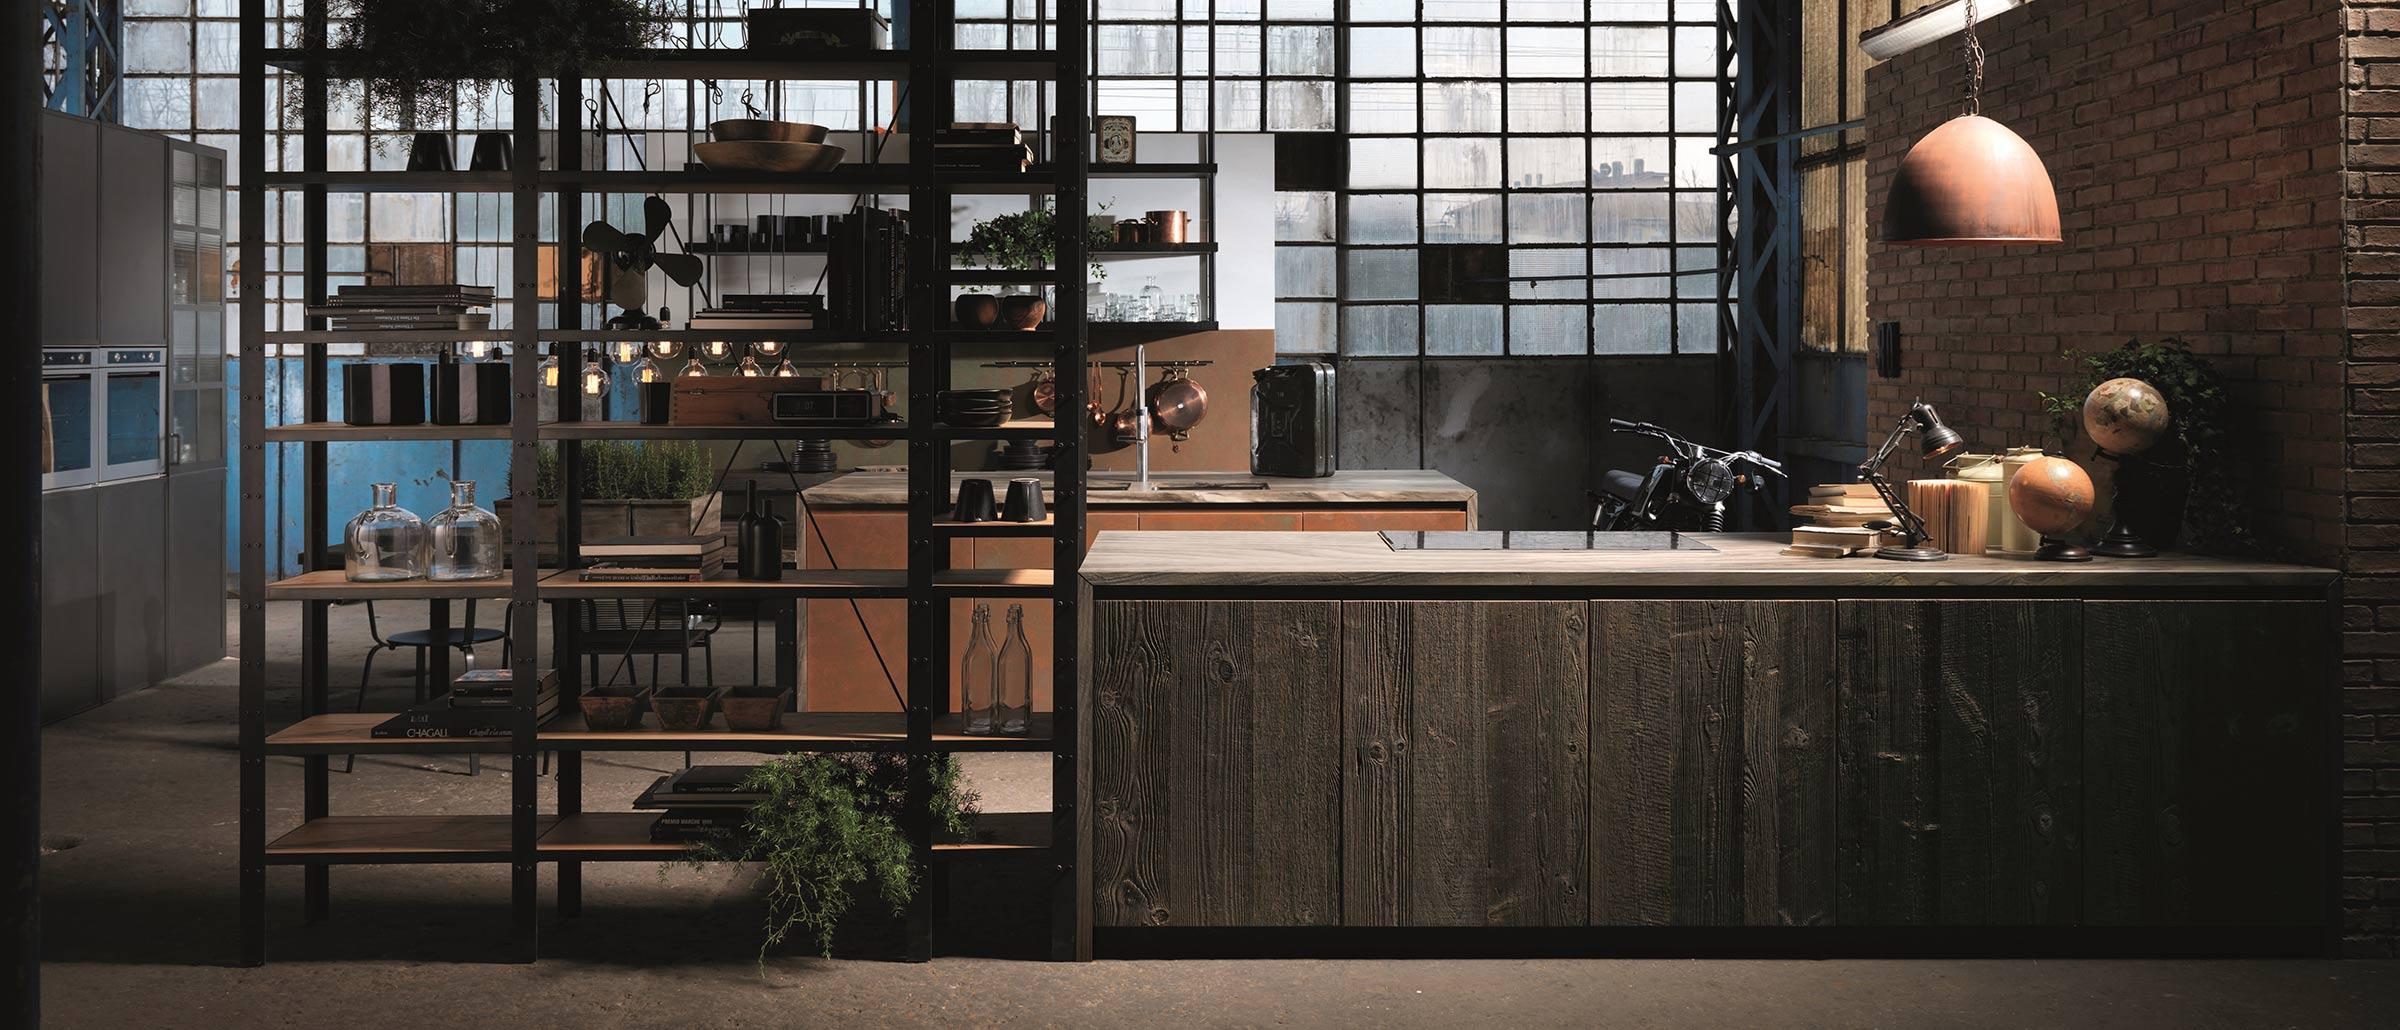 Cuisine Industrielle A Lyon Les Cuisines D Arno